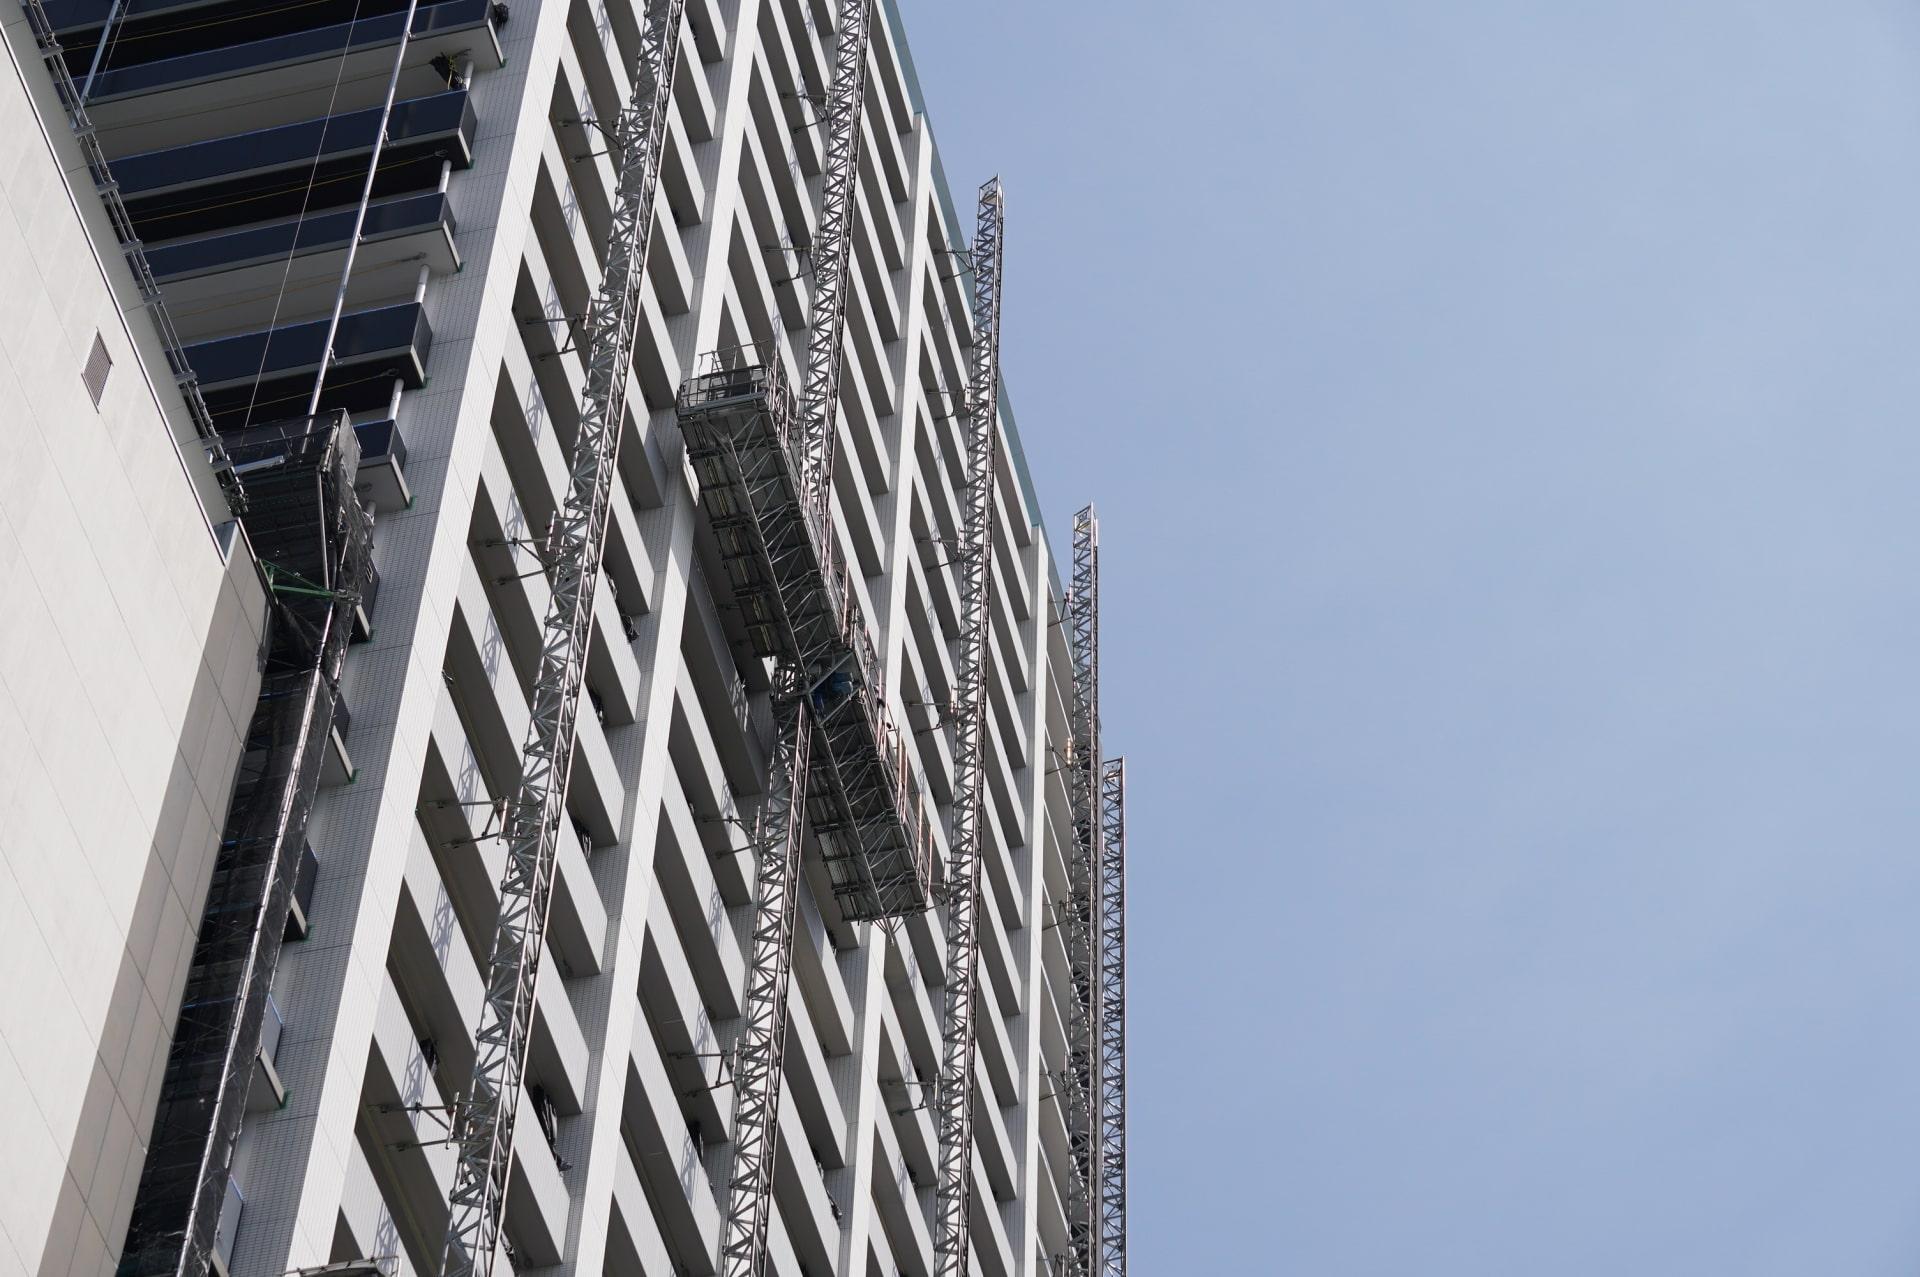 管理会社に大規模修繕工事を発注する際のメリット、デメリット